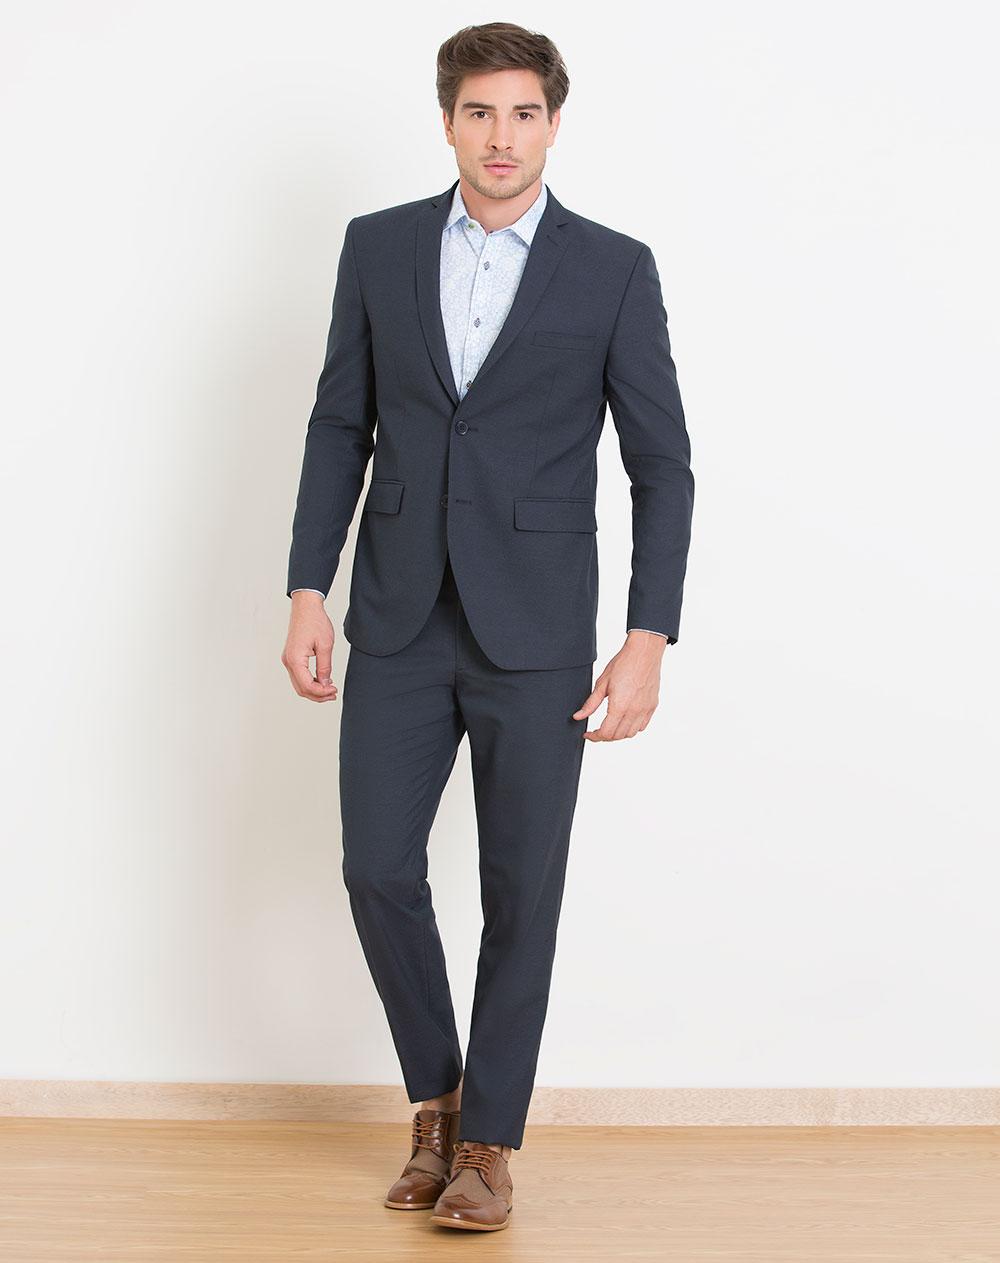 Descubre estilos de trajes para hombre con ASOS. Elige entre una gama para hombre de trajes, americanas, trajes de vestir y chaquetas y pantalones de traje para combinar.